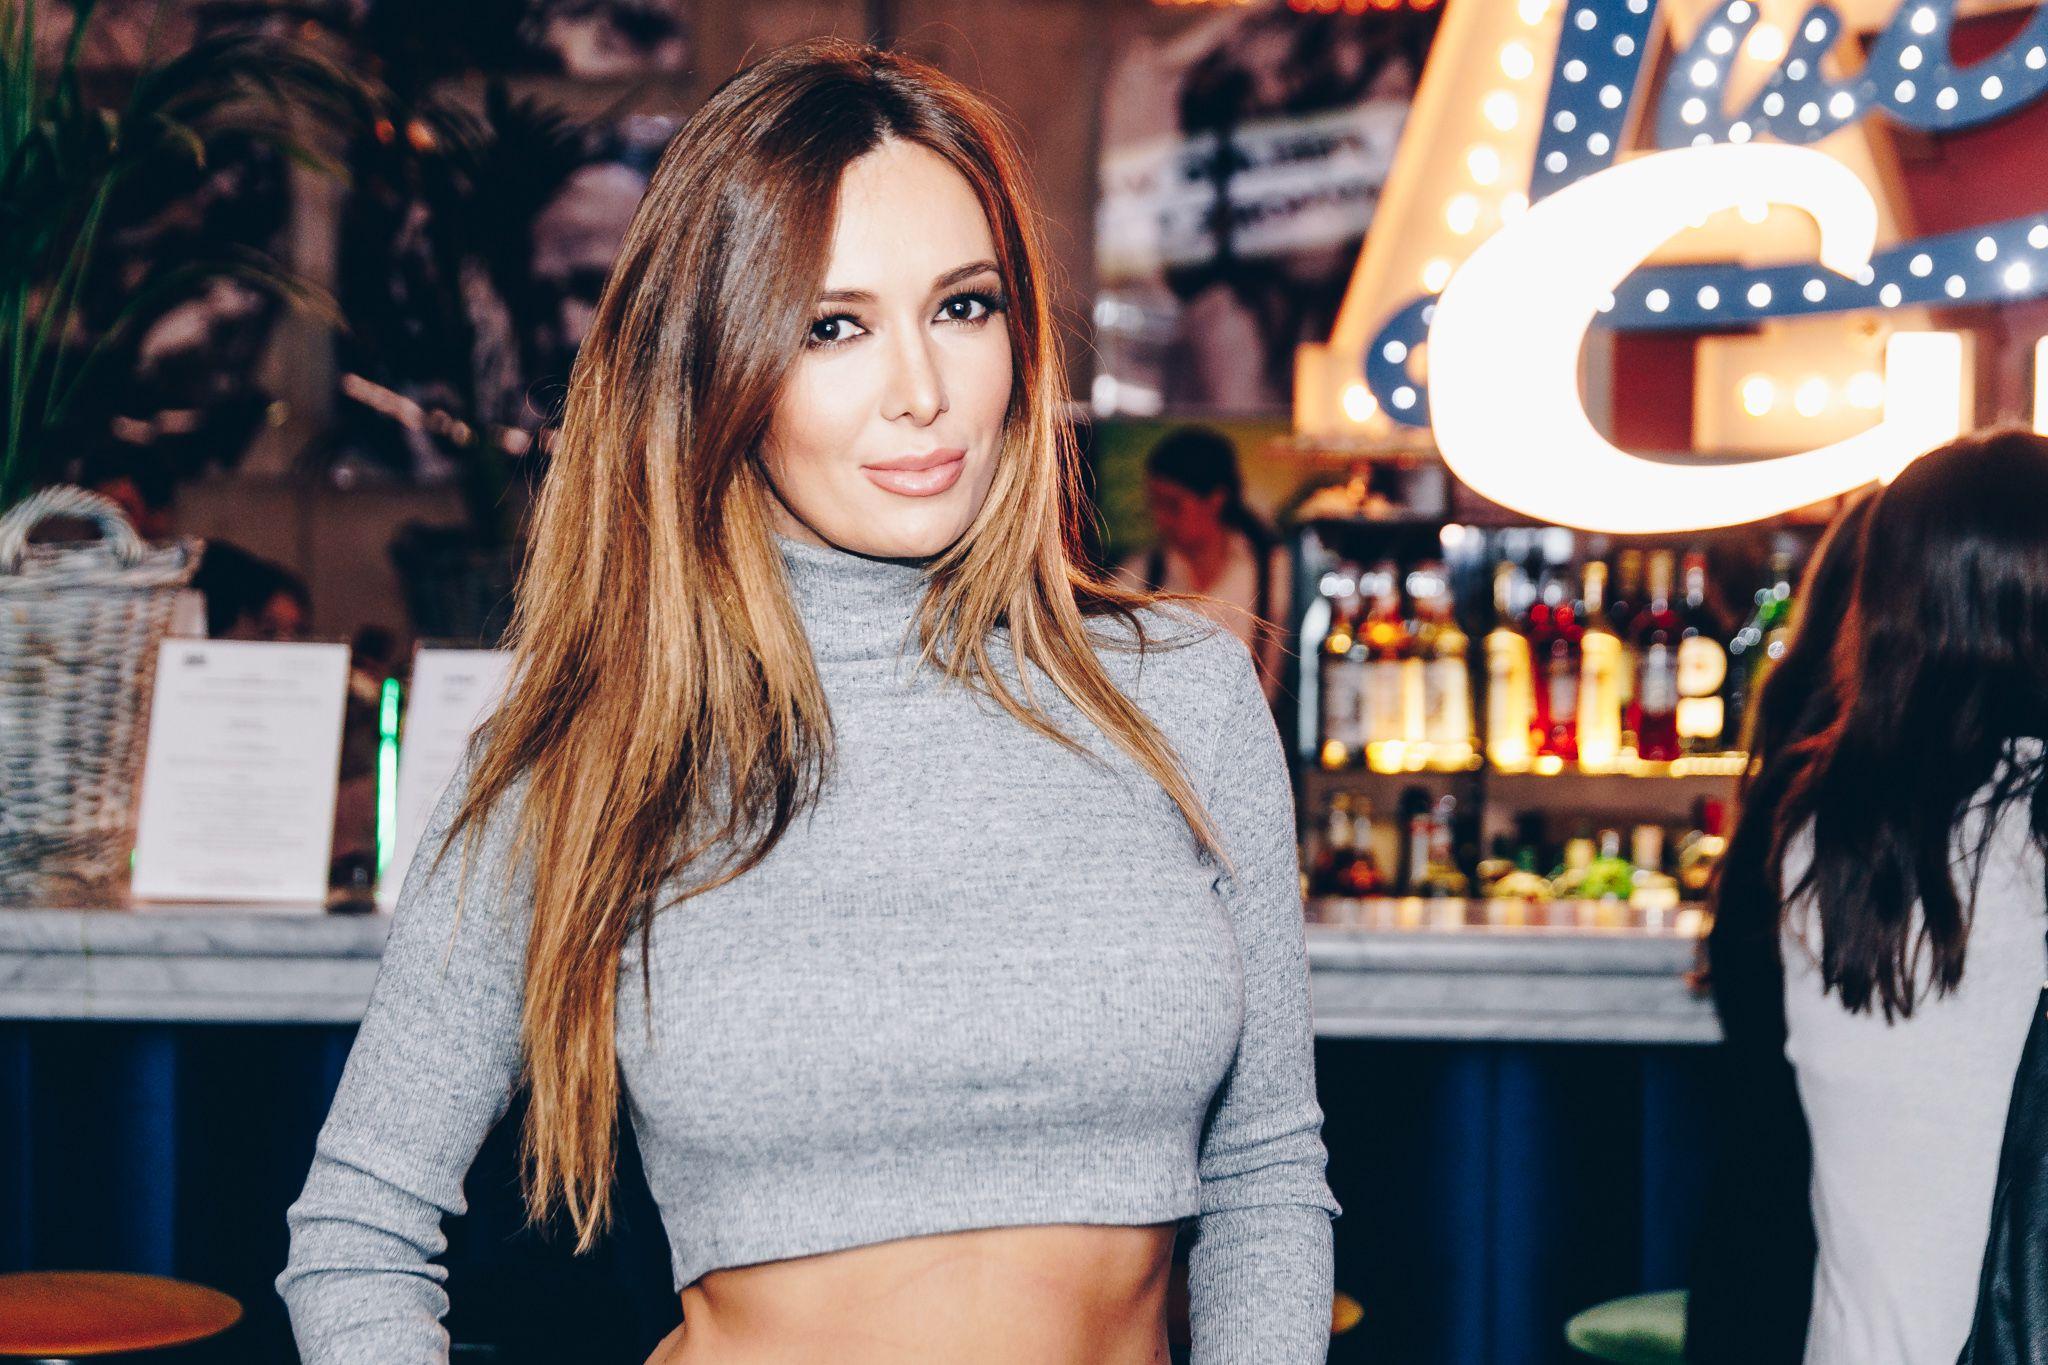 Lidija Bačić nosi najpopularnije hlače sezone, a pokazala je i isklesan trbuh